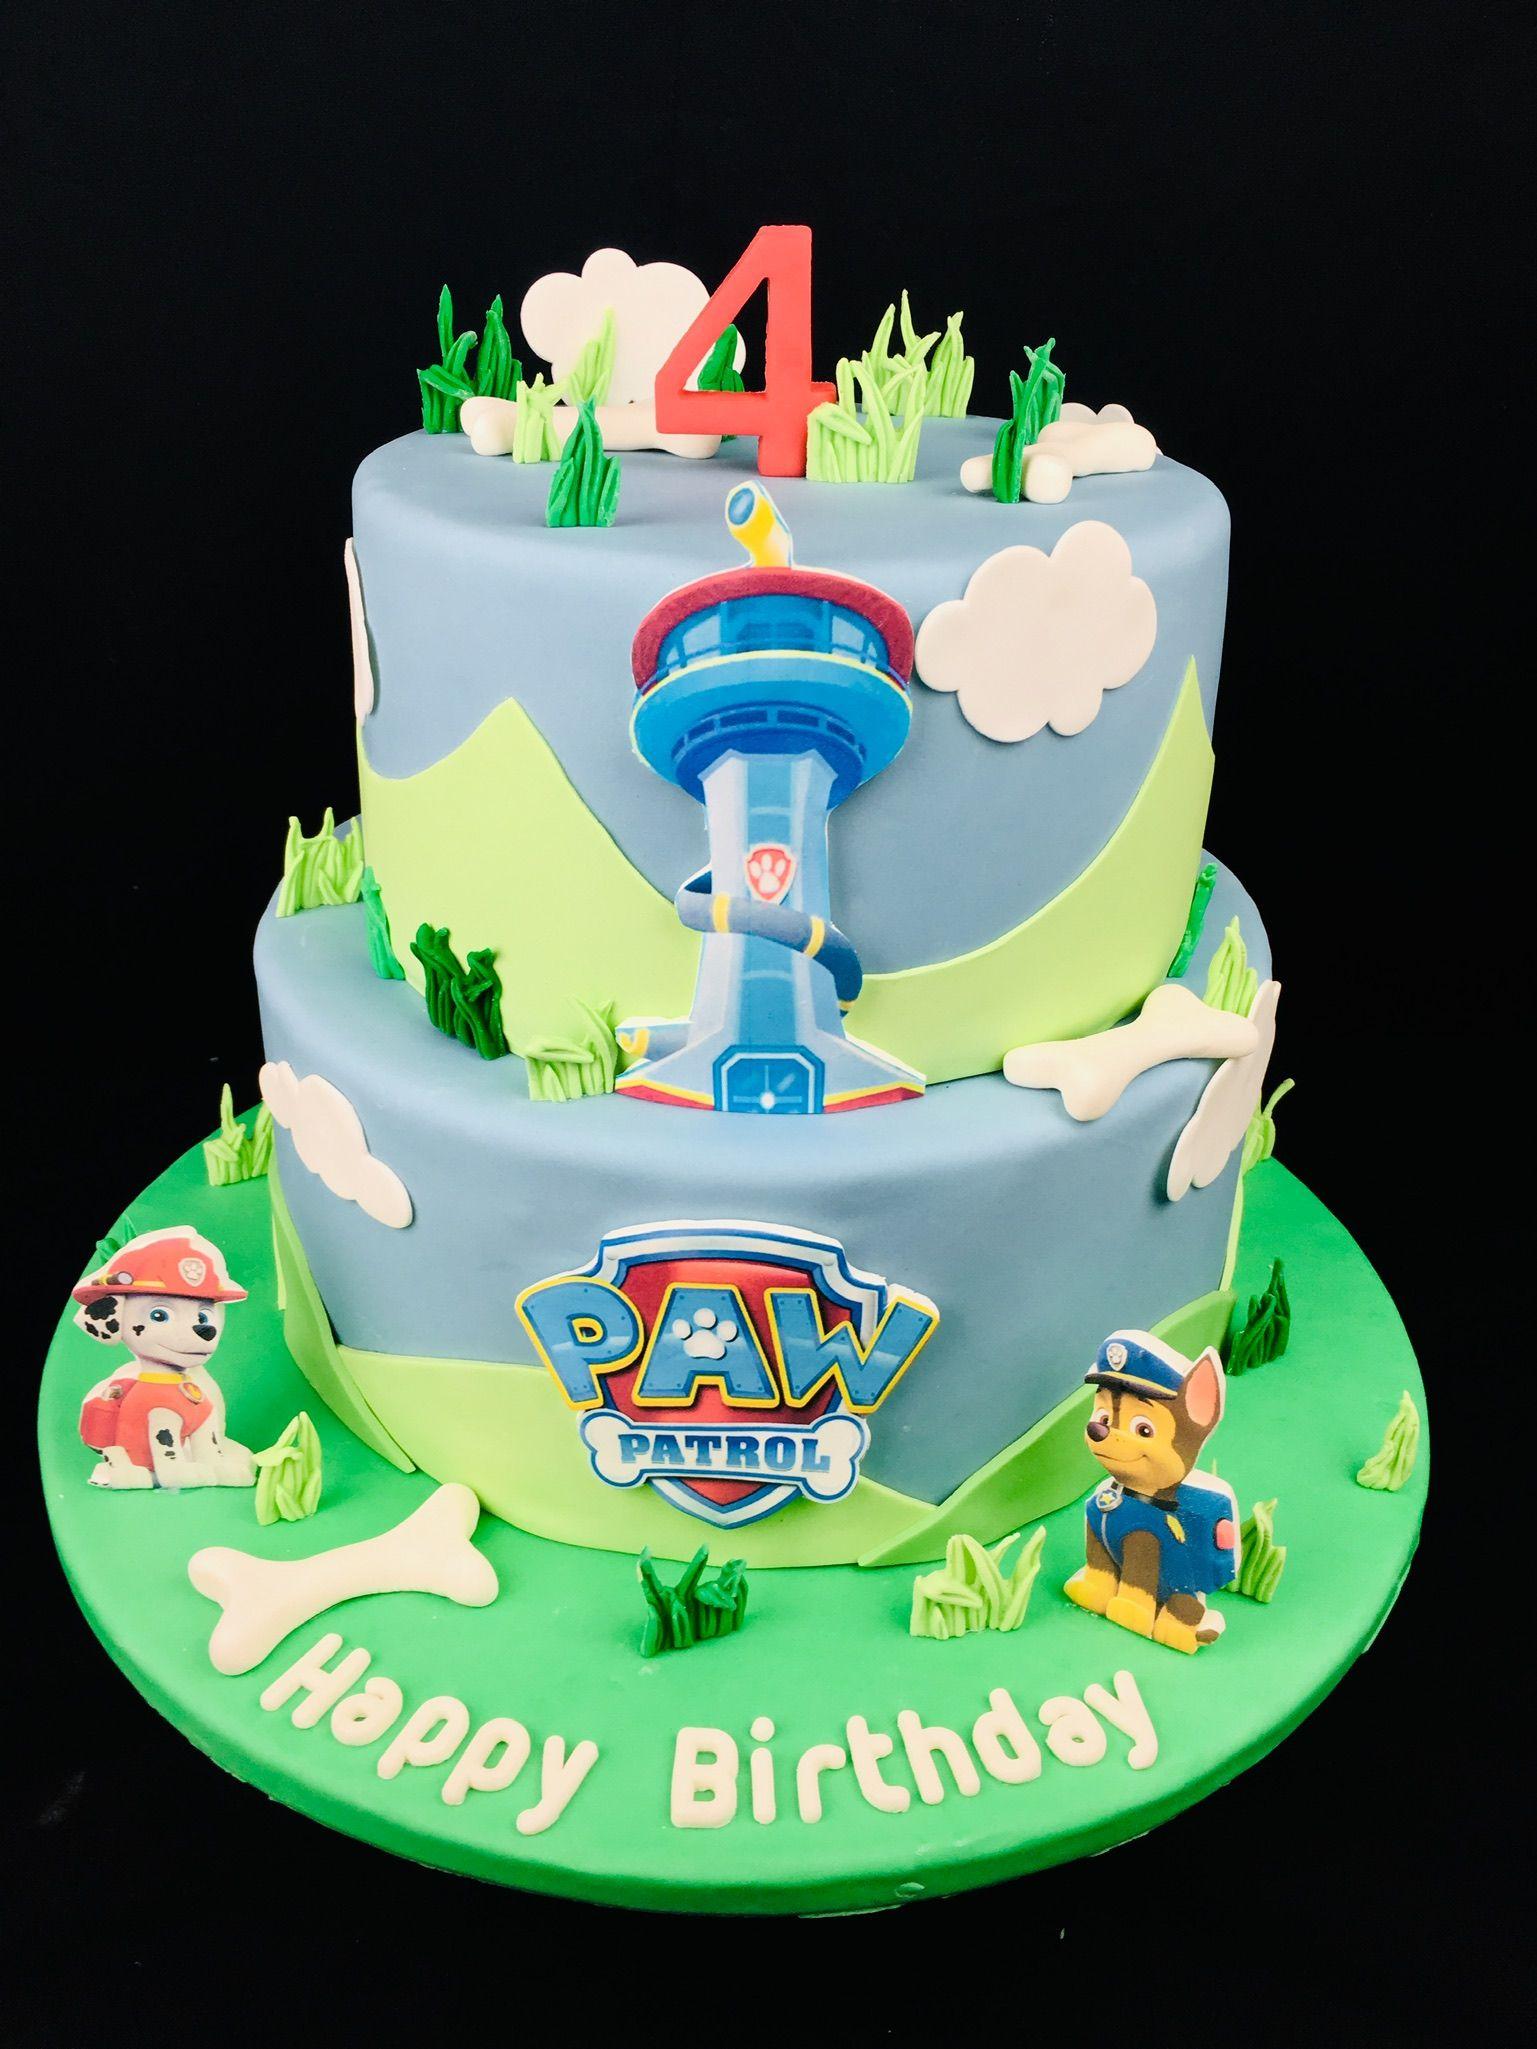 Torte Kuchen Geburtstagstorte Geburtstagskuchen Geburtstag innen Geburtstagstorte Für Kinder